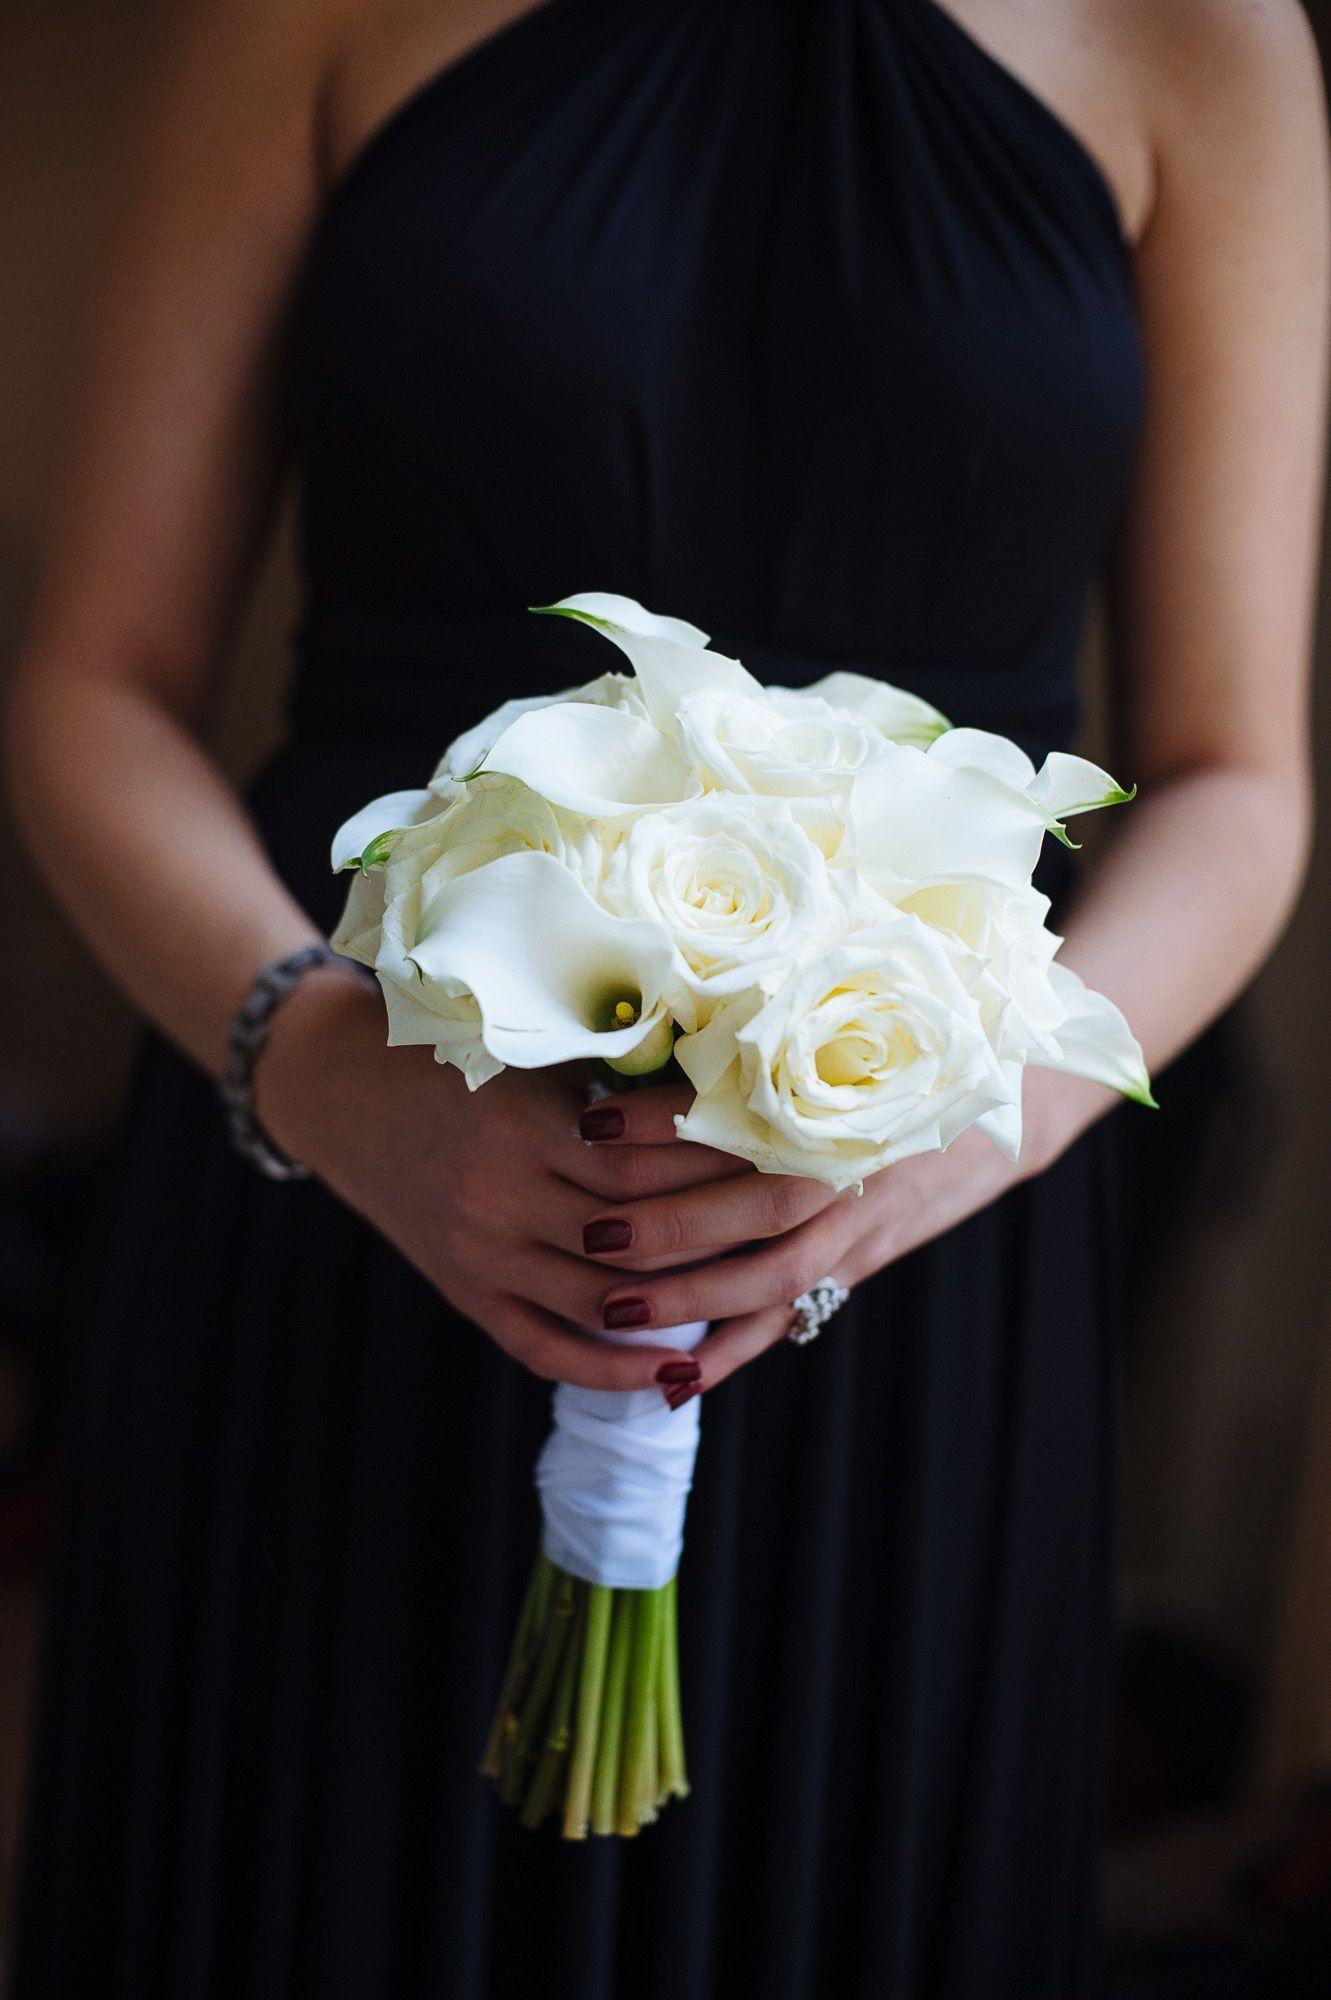 AllWhite Calla Lily and Rose Bouquet White calla lily